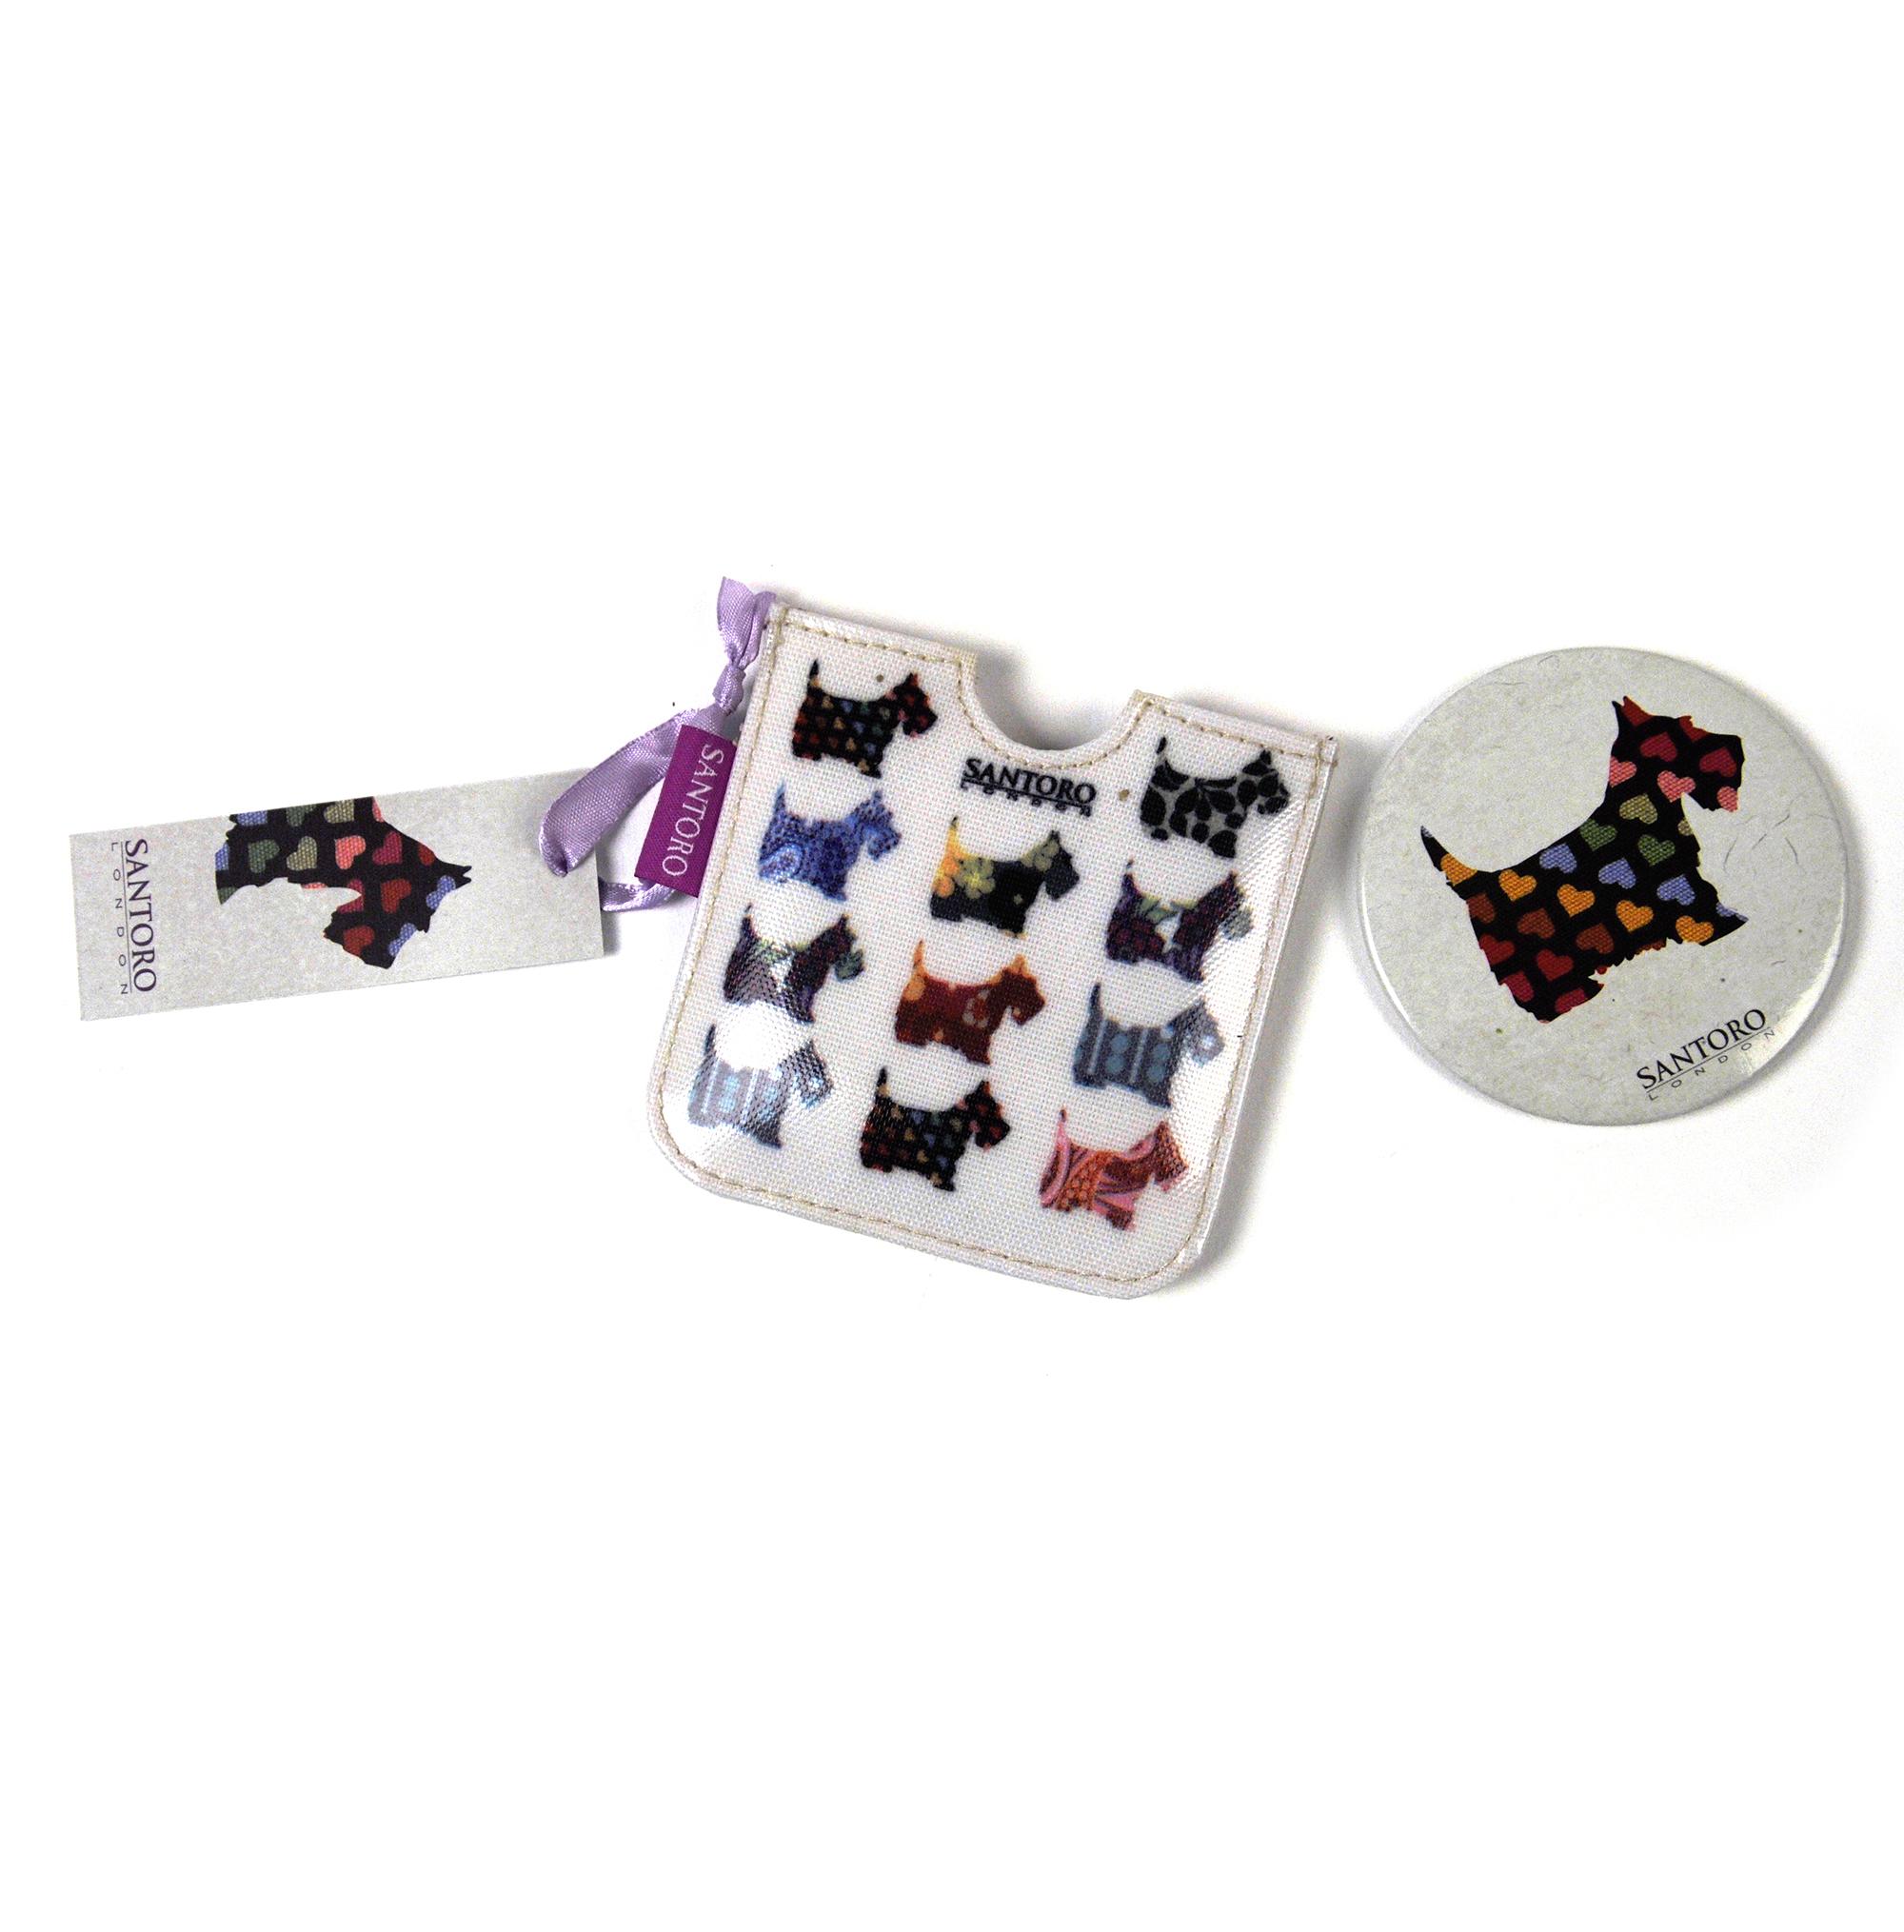 scottie chiens compact poche miroir de sac 192